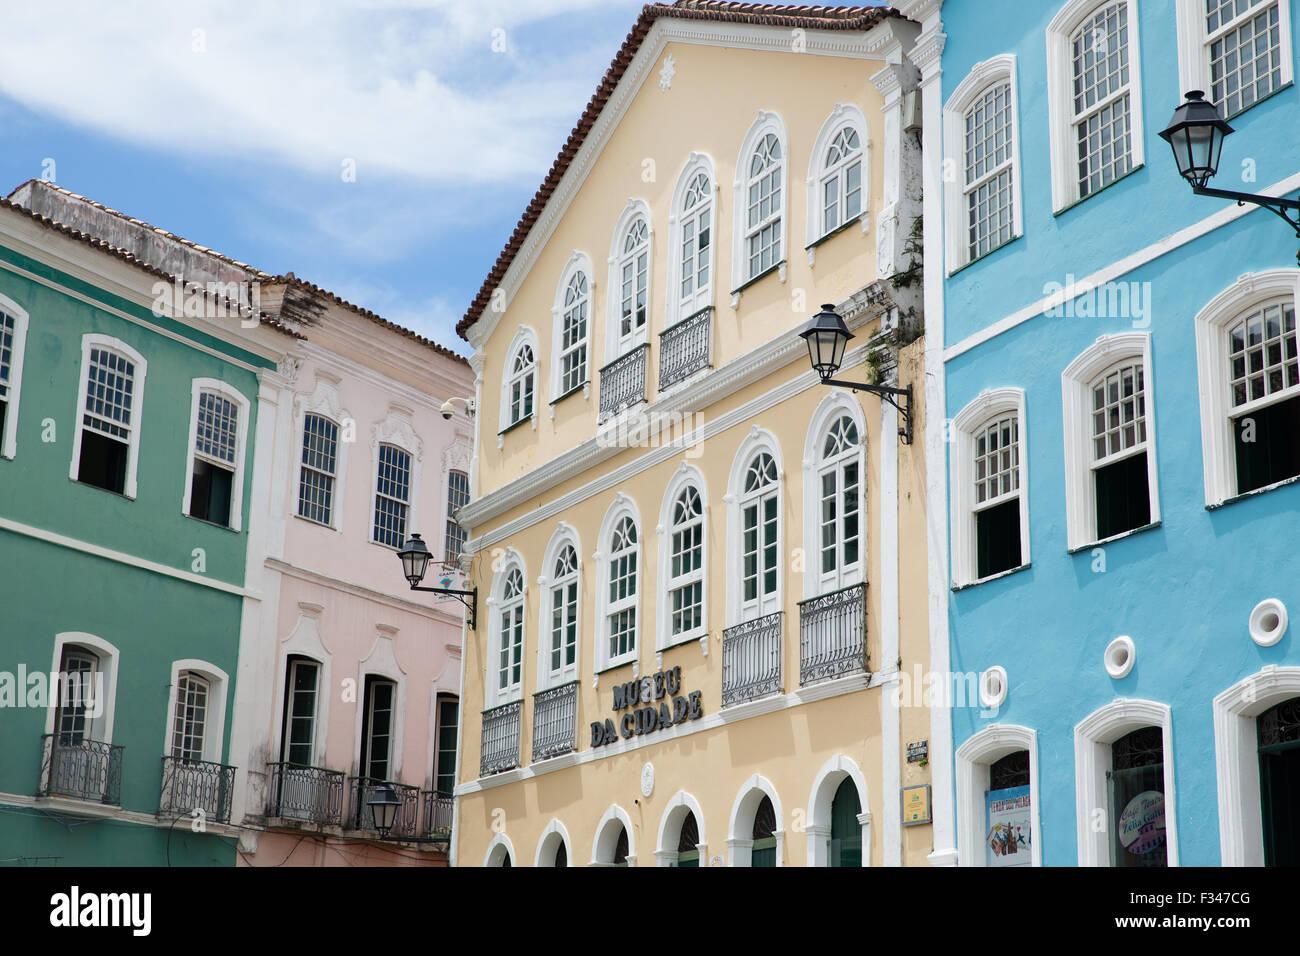 Kolonialarchitektur in der Altstadt, Salvador da Bahia, Brasilien Stockbild